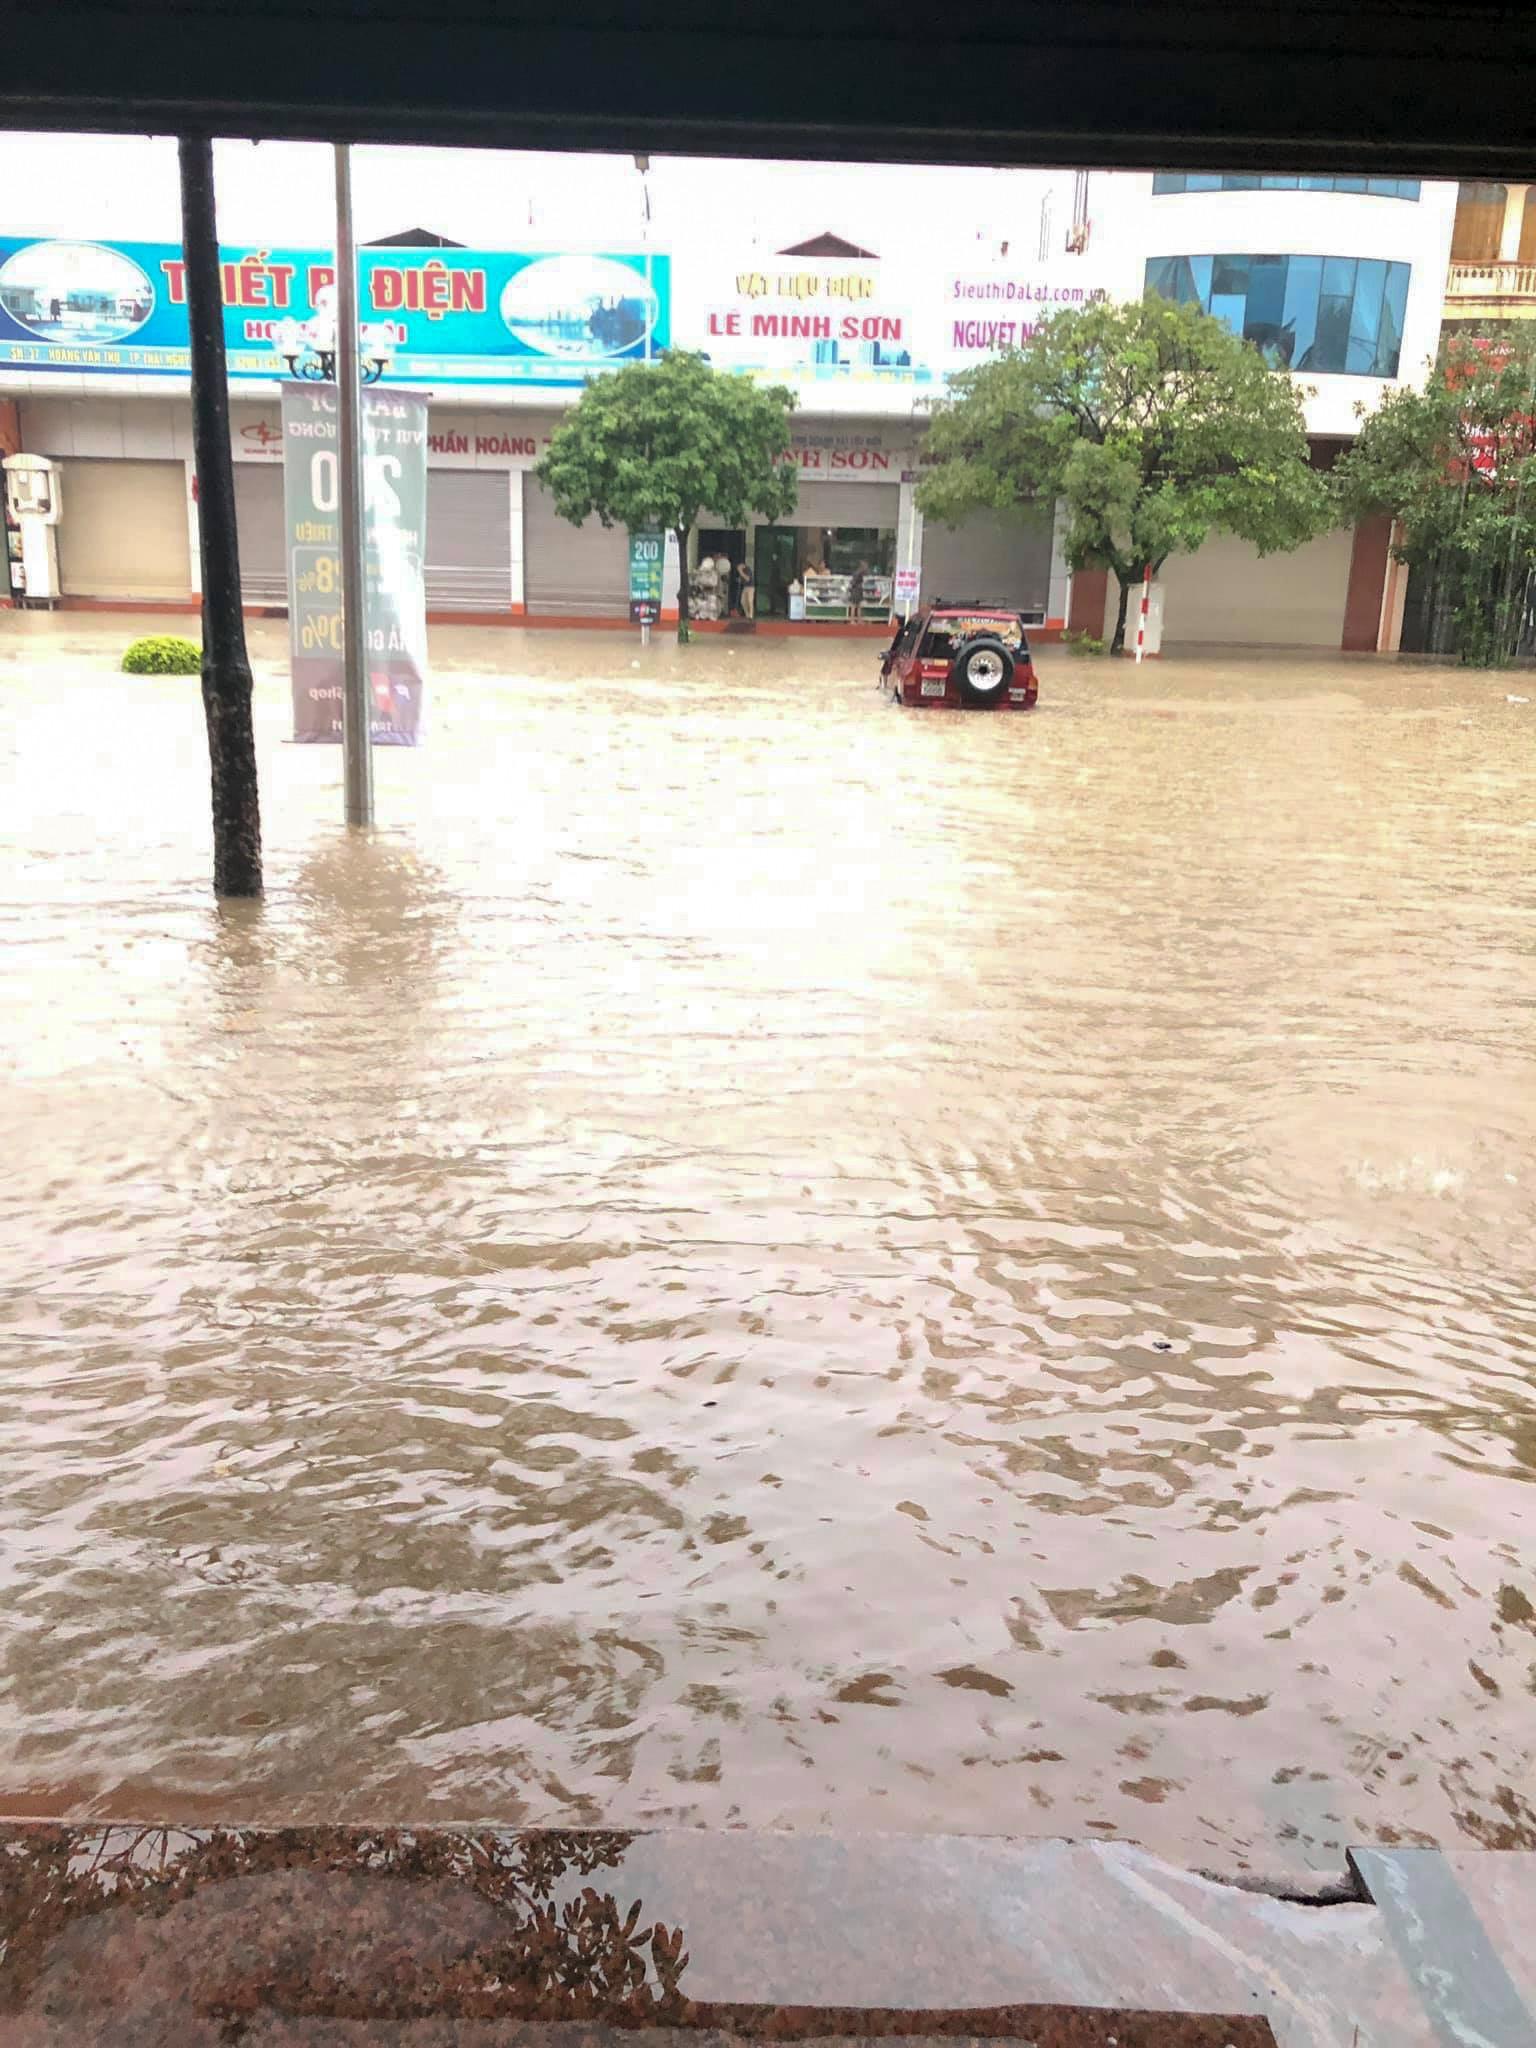 Sau trận mưa lớn kéo dài,  TP Thái Nguyên ngập sâu trong biển nước23